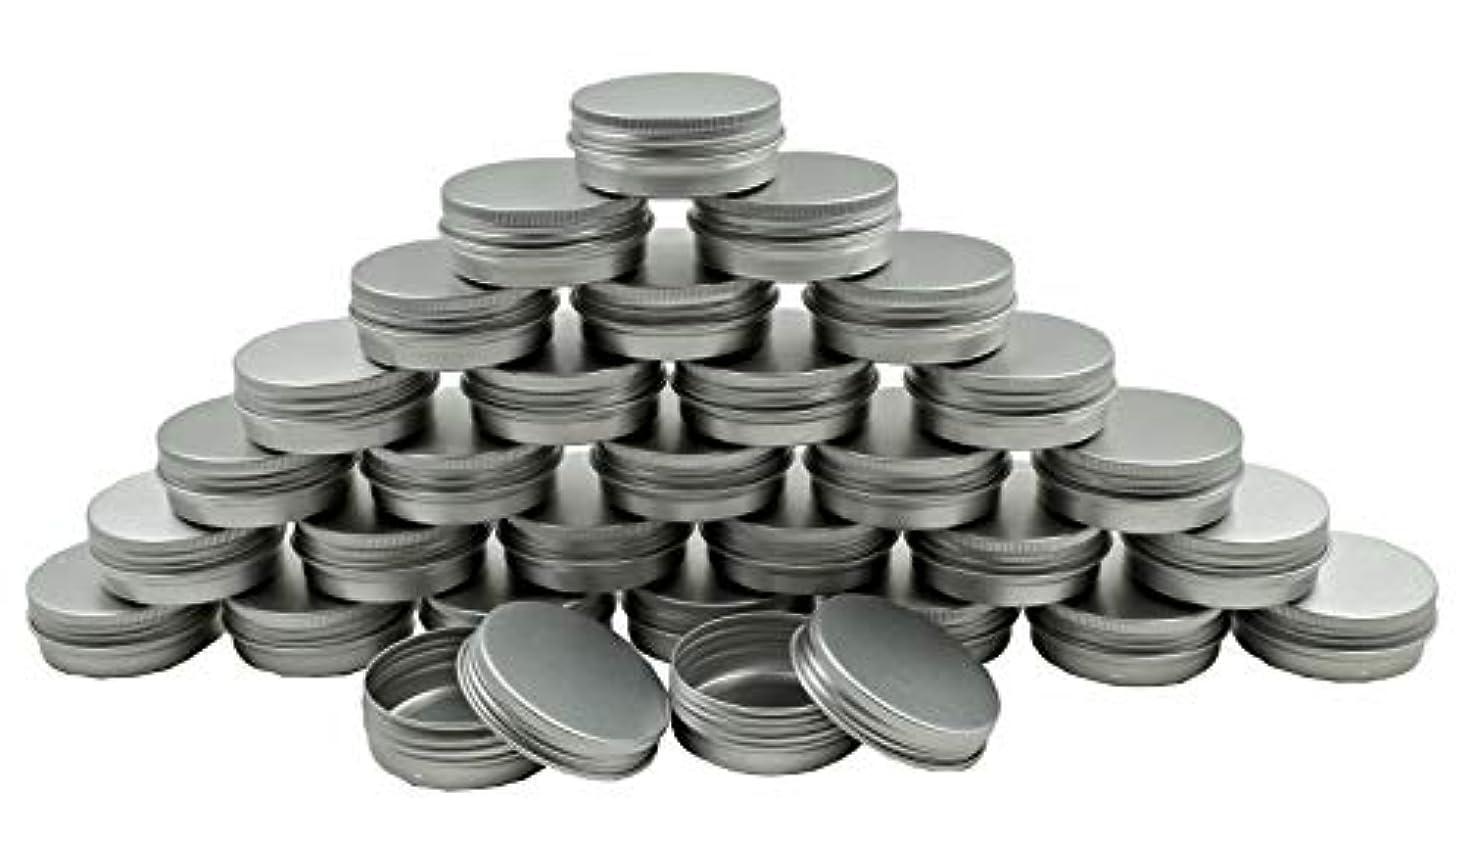 パラシュート緩める貧しいZERONOWA 蓋付き アルミ缶 詰め替え 小分け 容器 ボトル 携帯 旅行 (30個セット(5.2cm×2cm))